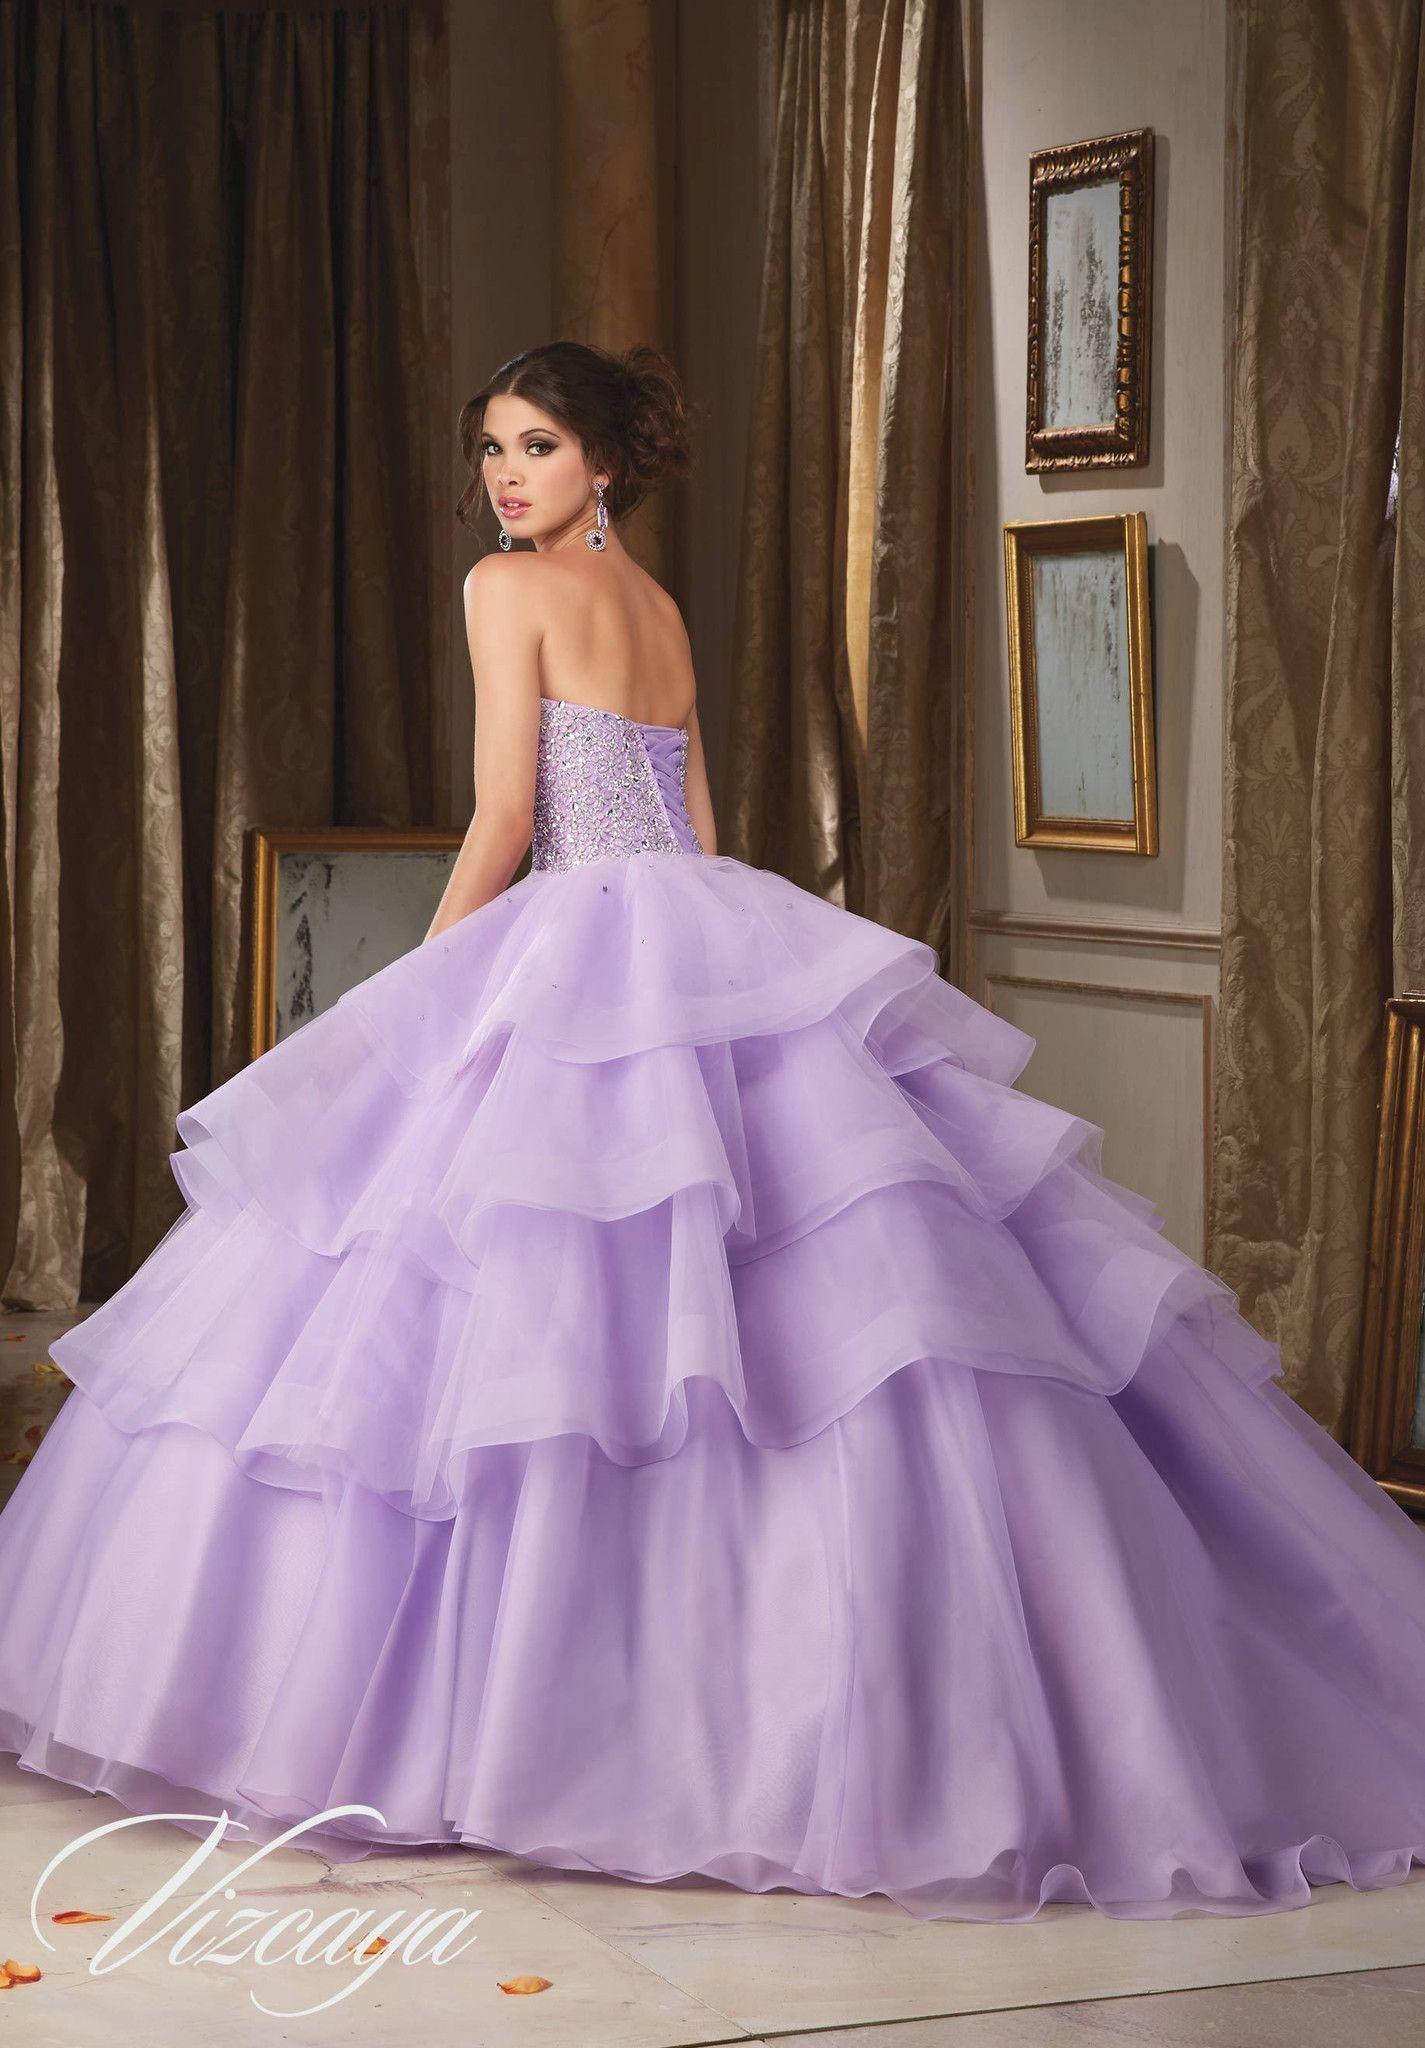 Asombroso Vestido De Novia Corto Lee Mori Imágenes - Vestido de ...